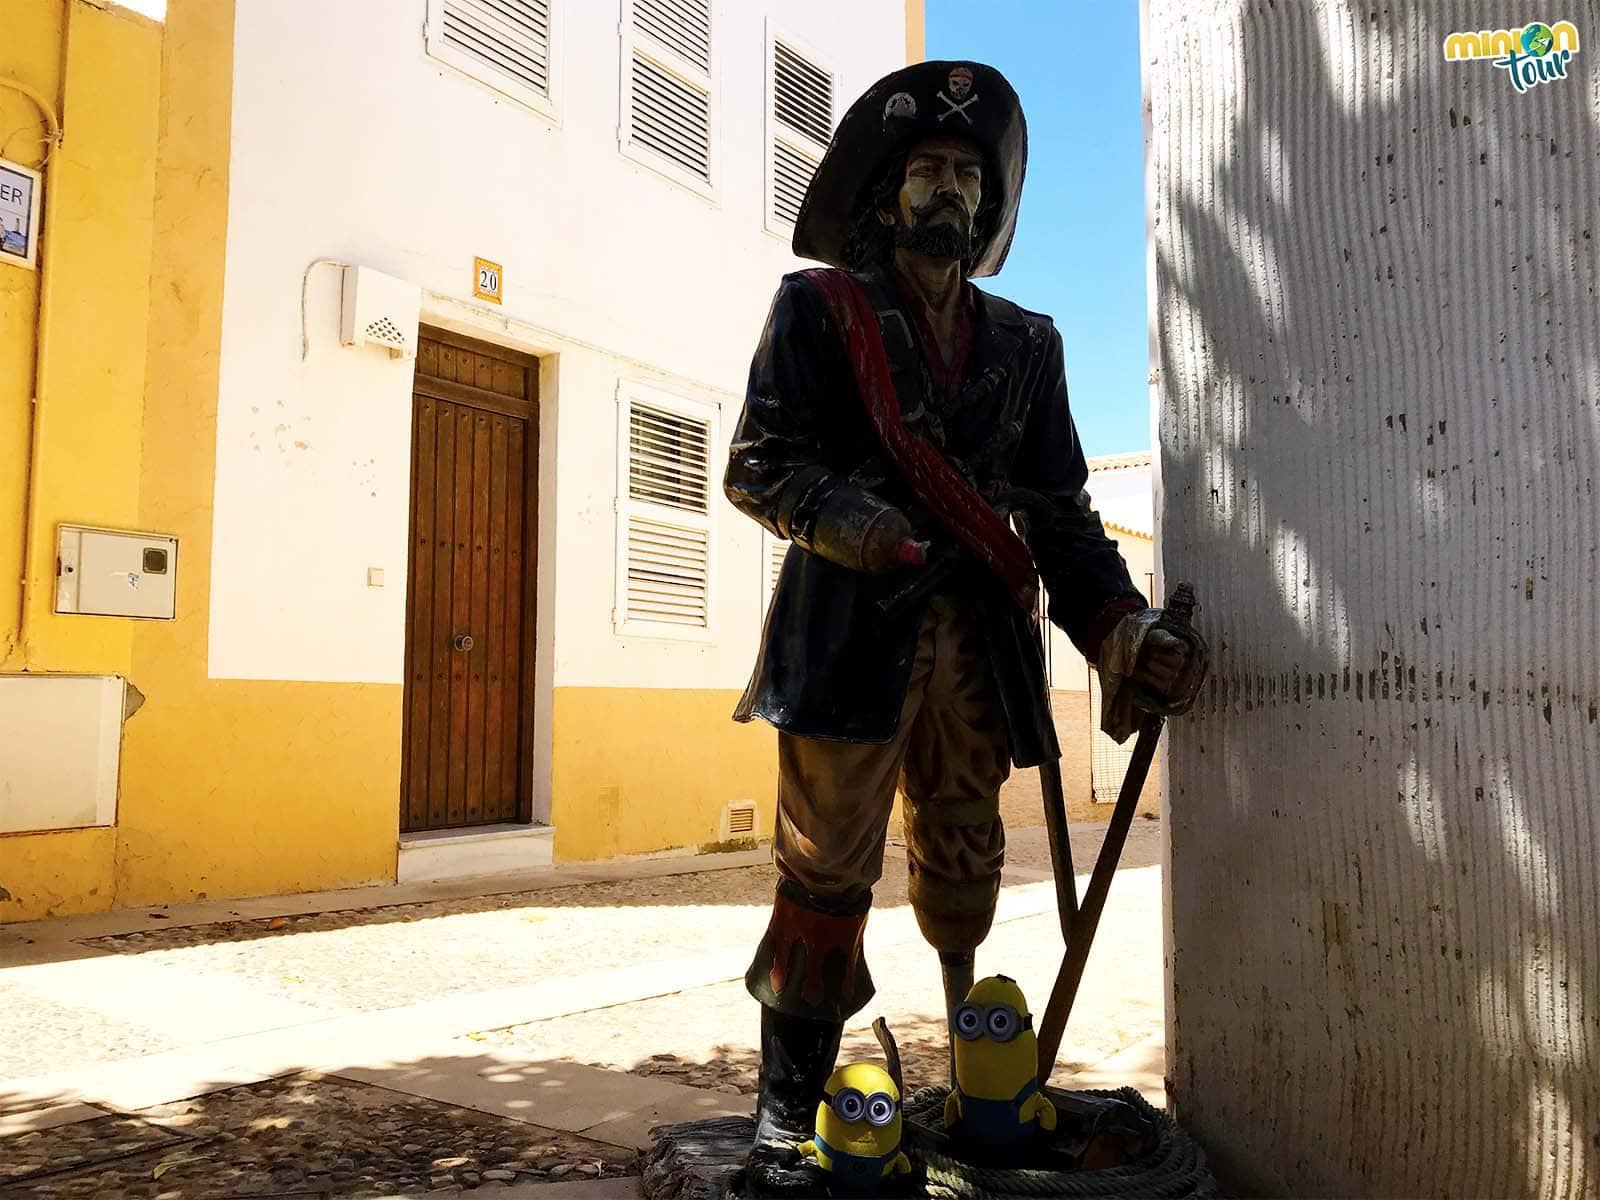 Un pirata en Tabarca